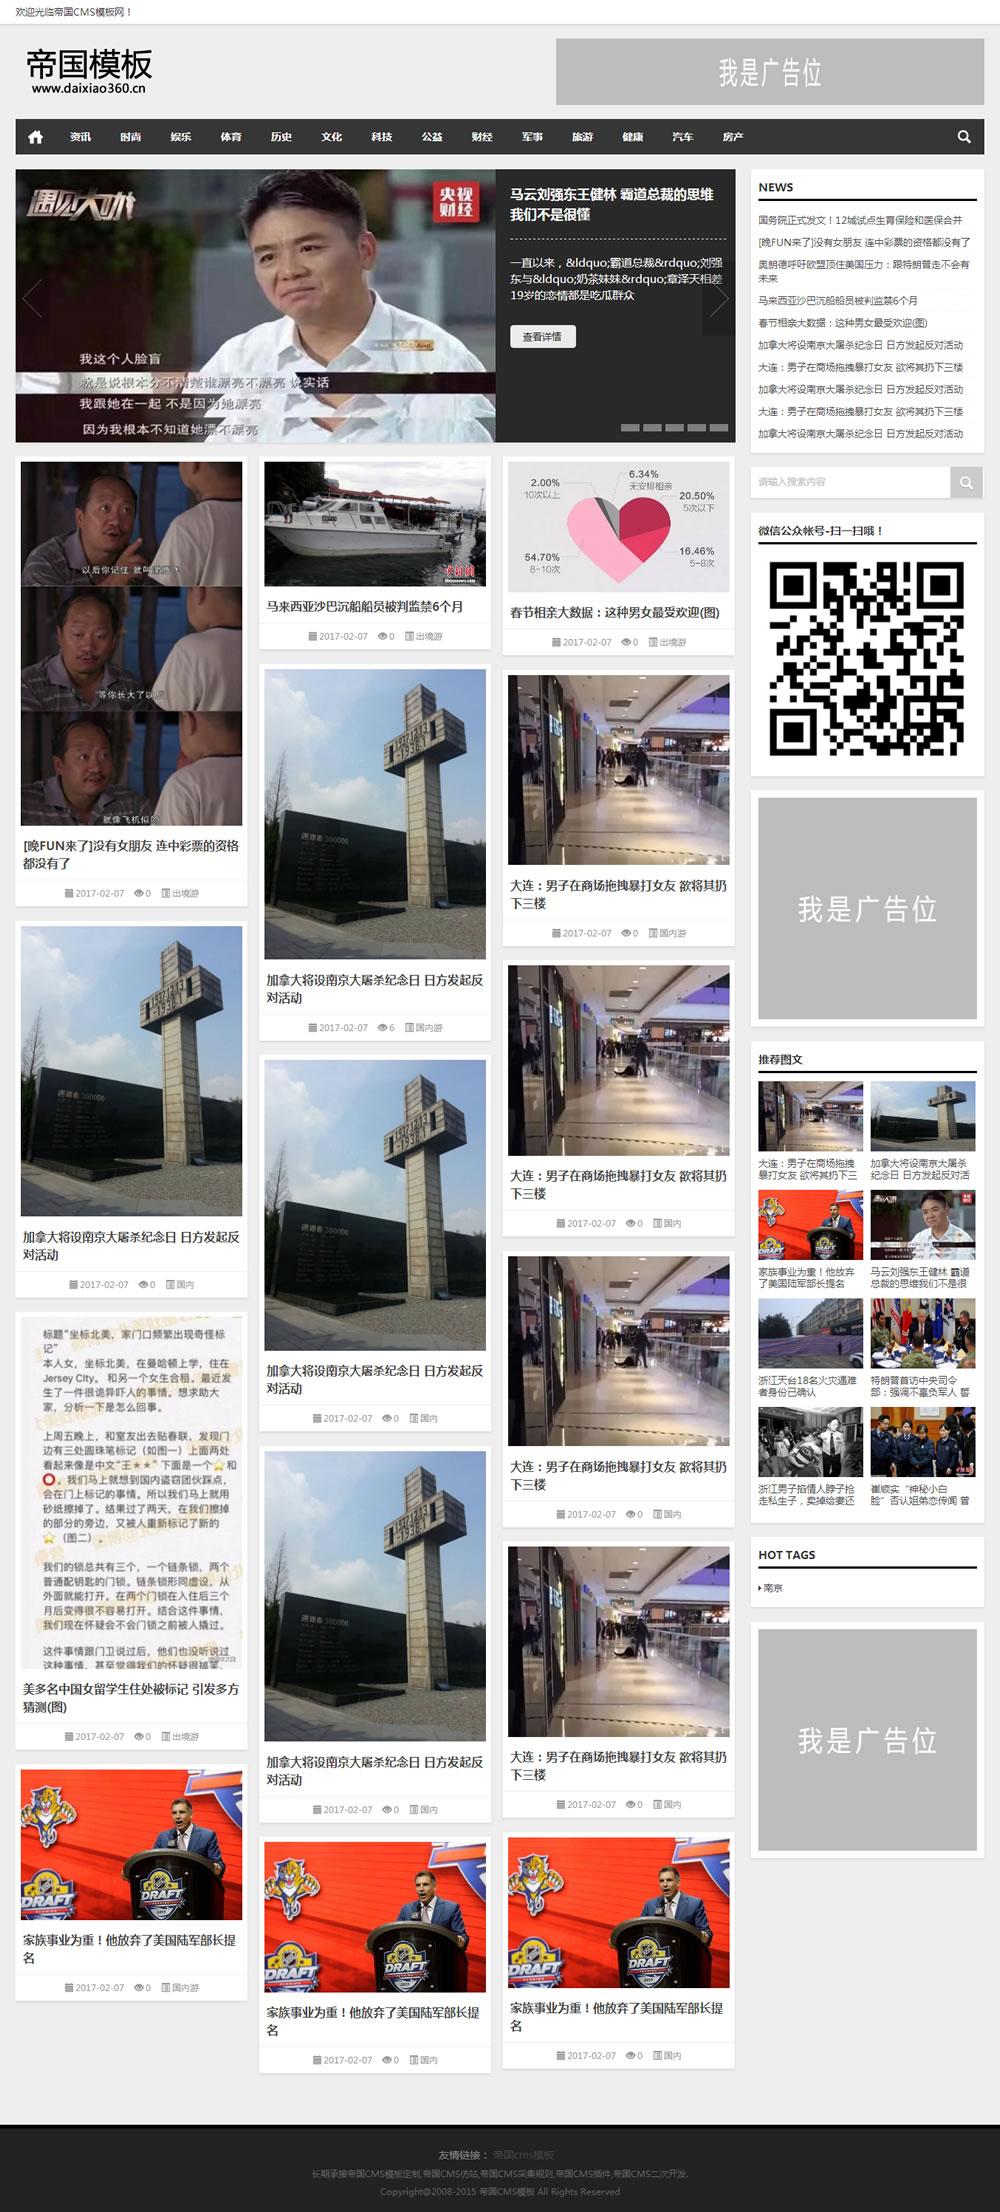 黑白色自适应手机版帝国CMS模板瀑布流图文资讯博客类网站模板_首页模板